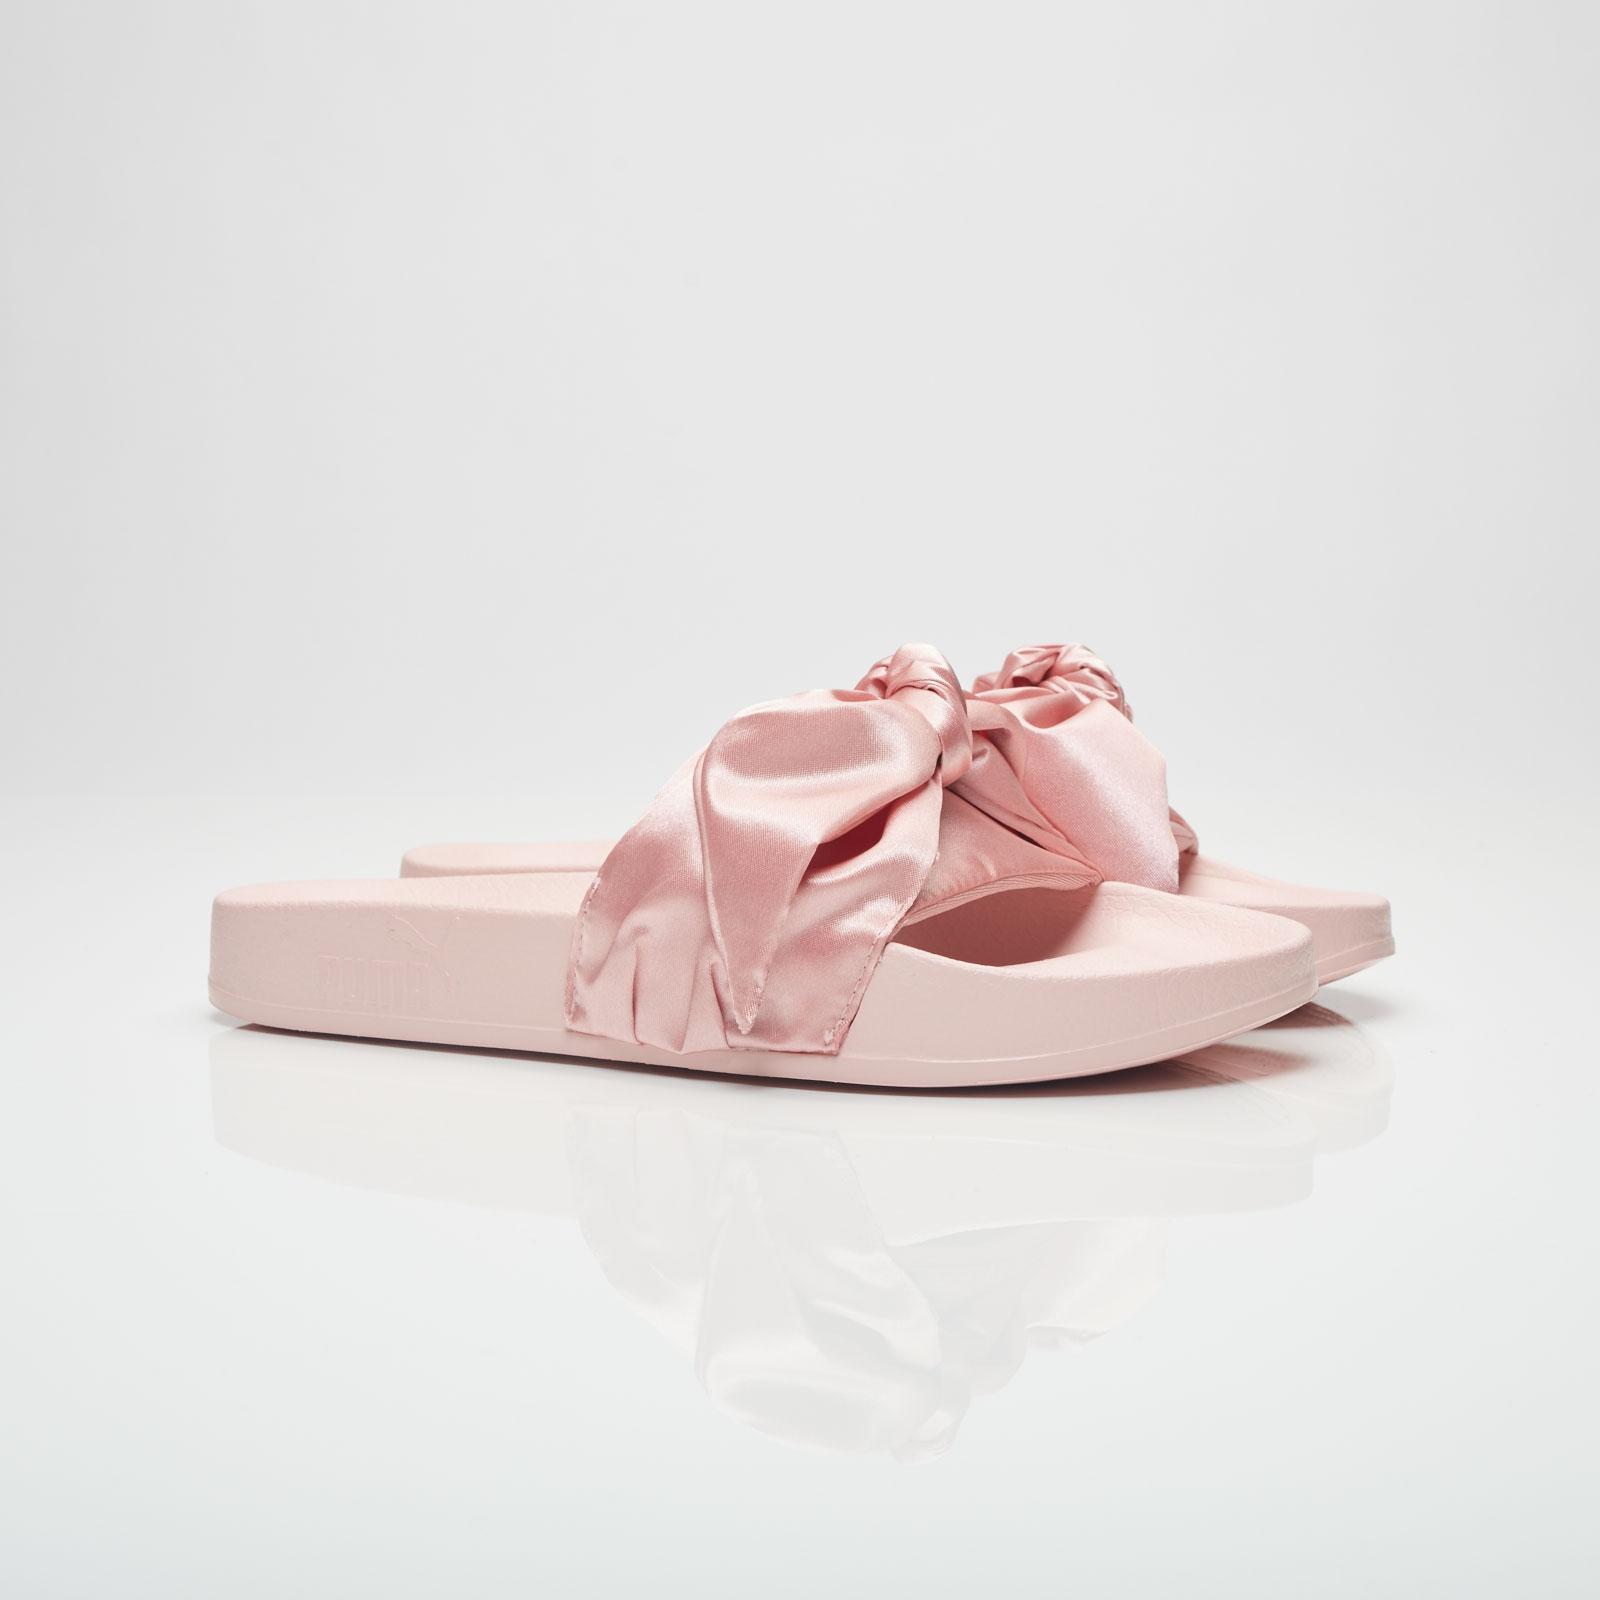 super popular fe555 c581a Puma Bow Slide Women - 365774-03 - Sneakersnstuff | sneakers ...